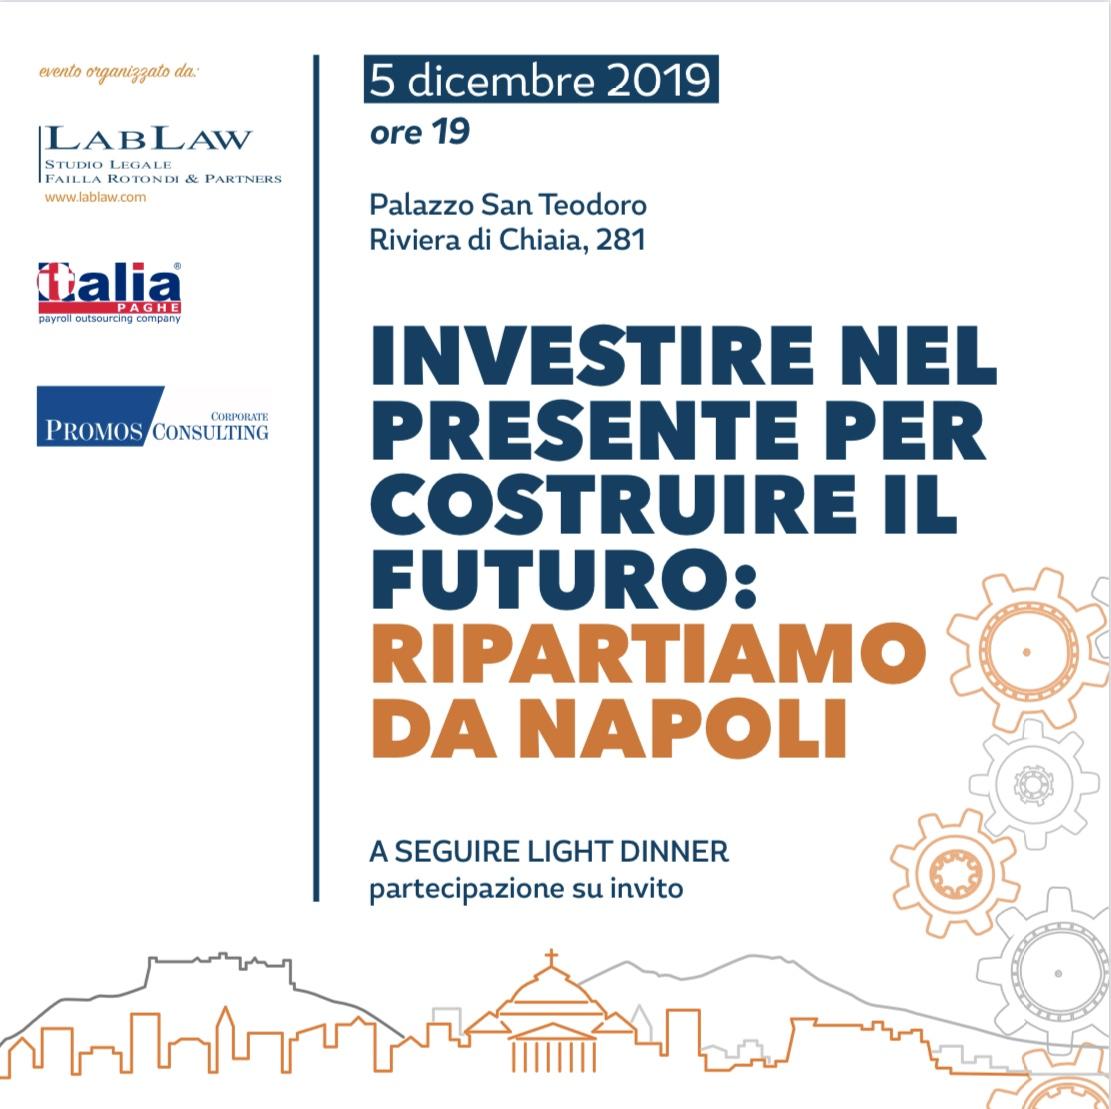 Investire nel presente per costruire il futuro: Ripartiamo da Napoli